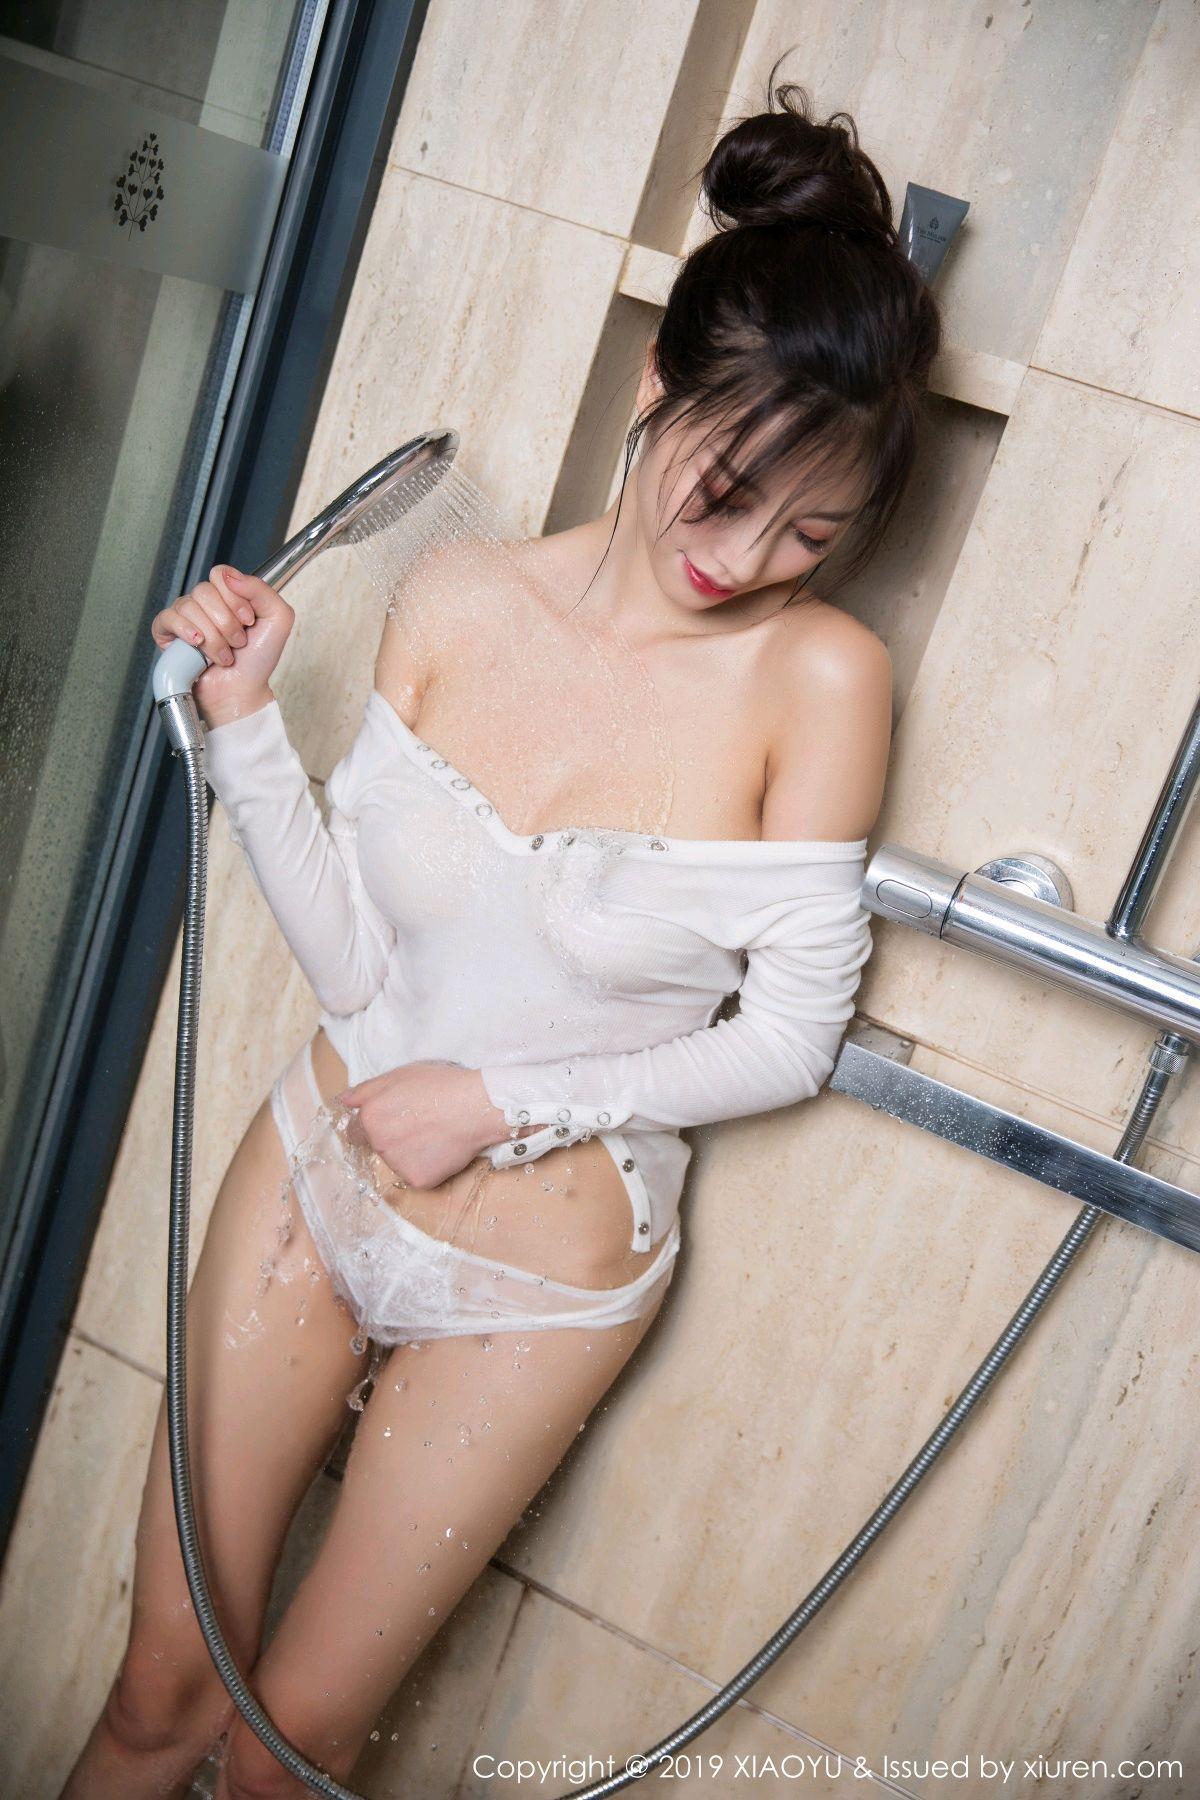 [XiaoYu] Vol.025 Yang Chen Chen 46P, Bathroom, Wet, XiaoYu, Yang Chen Chen